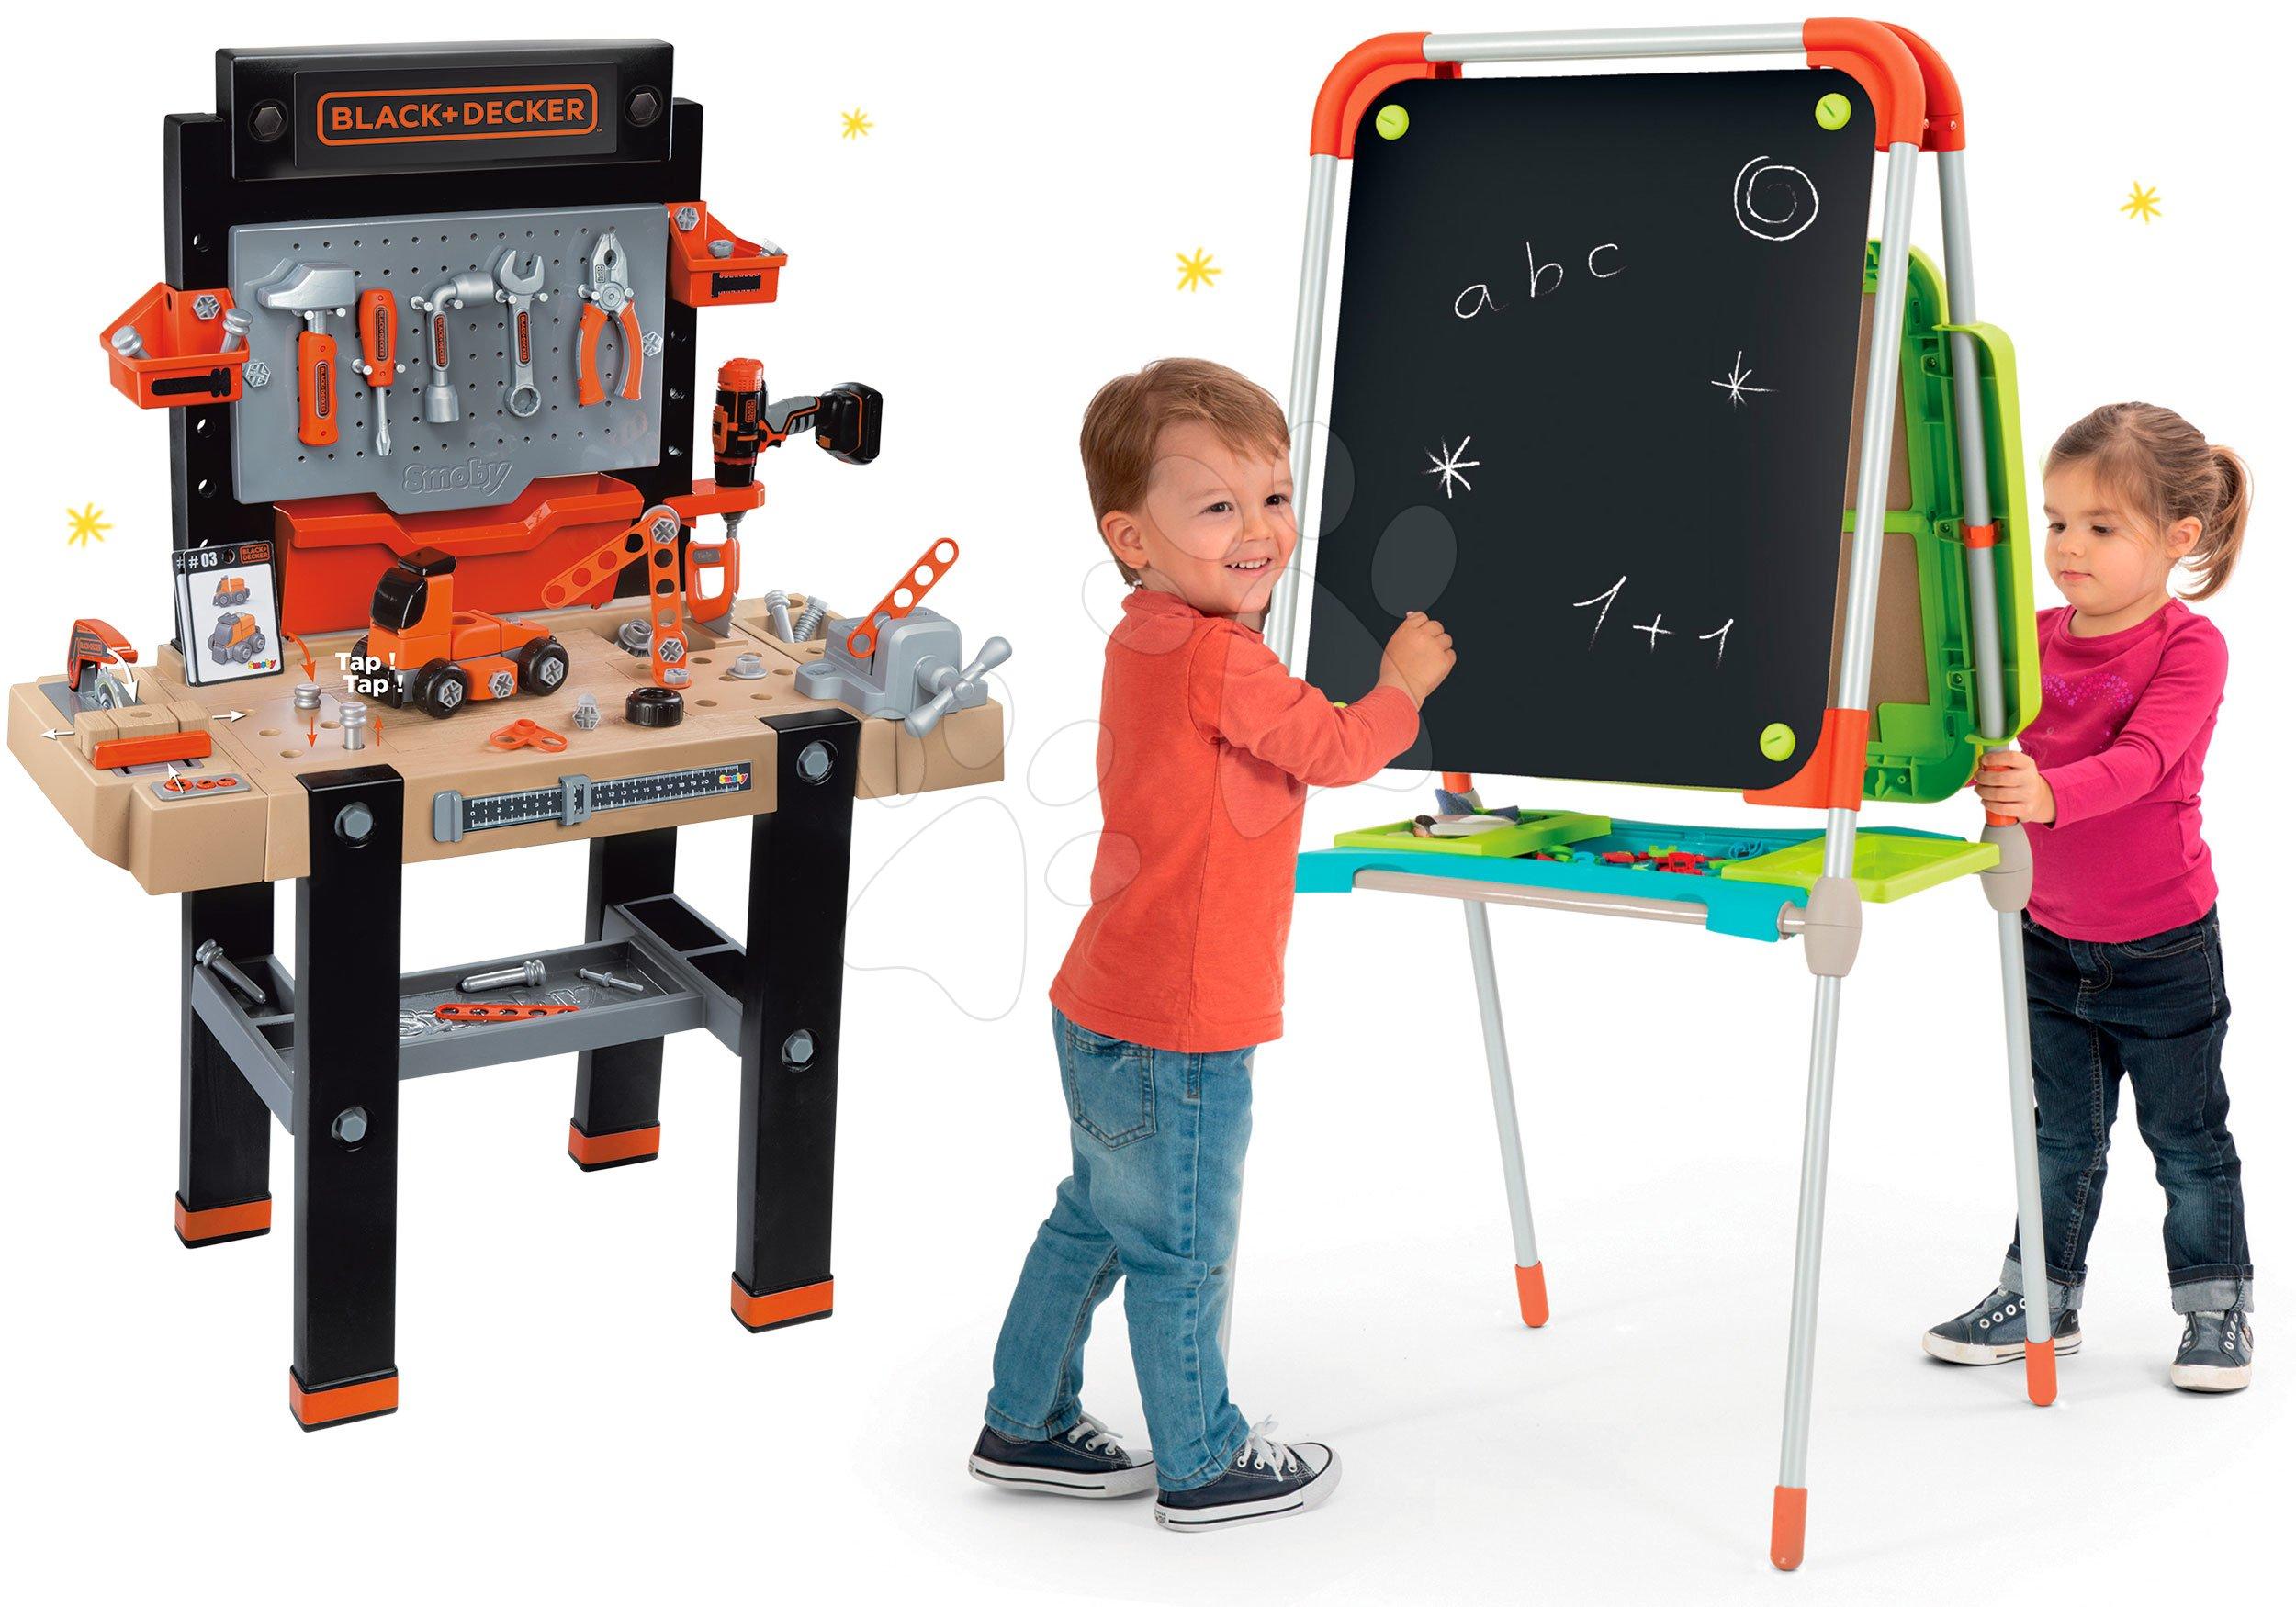 Set školská magnetická tabuľa Smoby výškovo nastaviteľná a pracovná dielňa Black+Decker elektronická